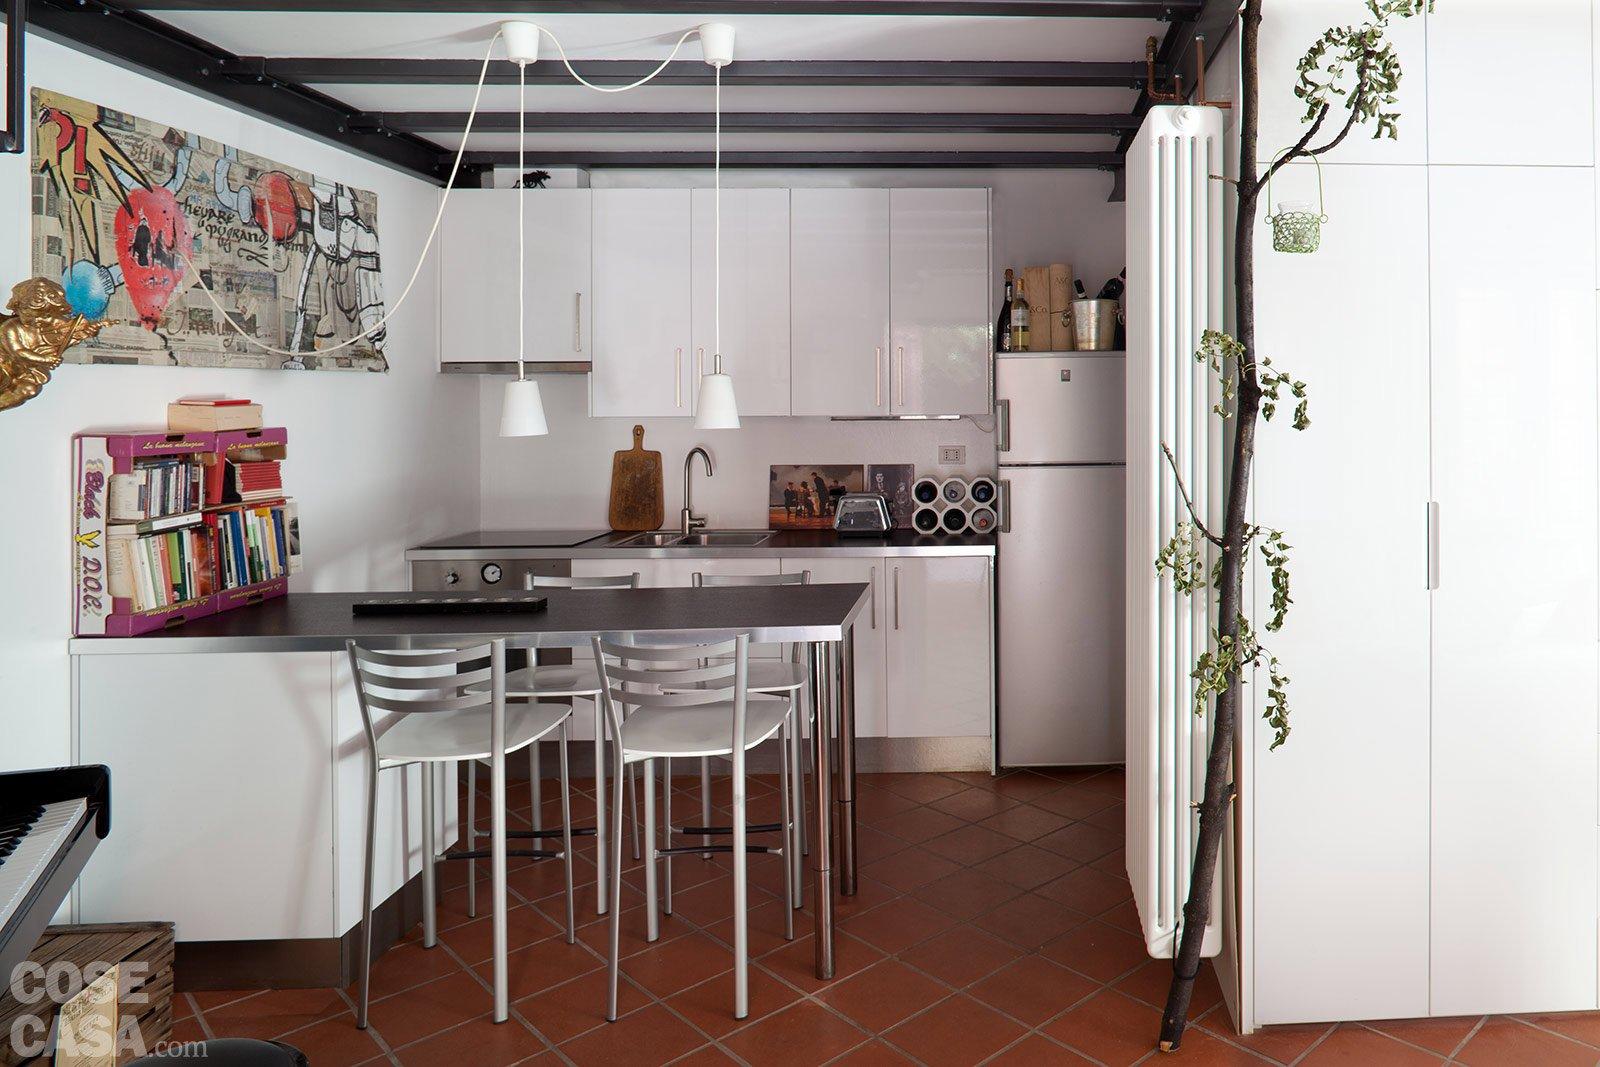 Da box a casa un incredibile trasformazione cose di casa for Ikea appuntamento cucina